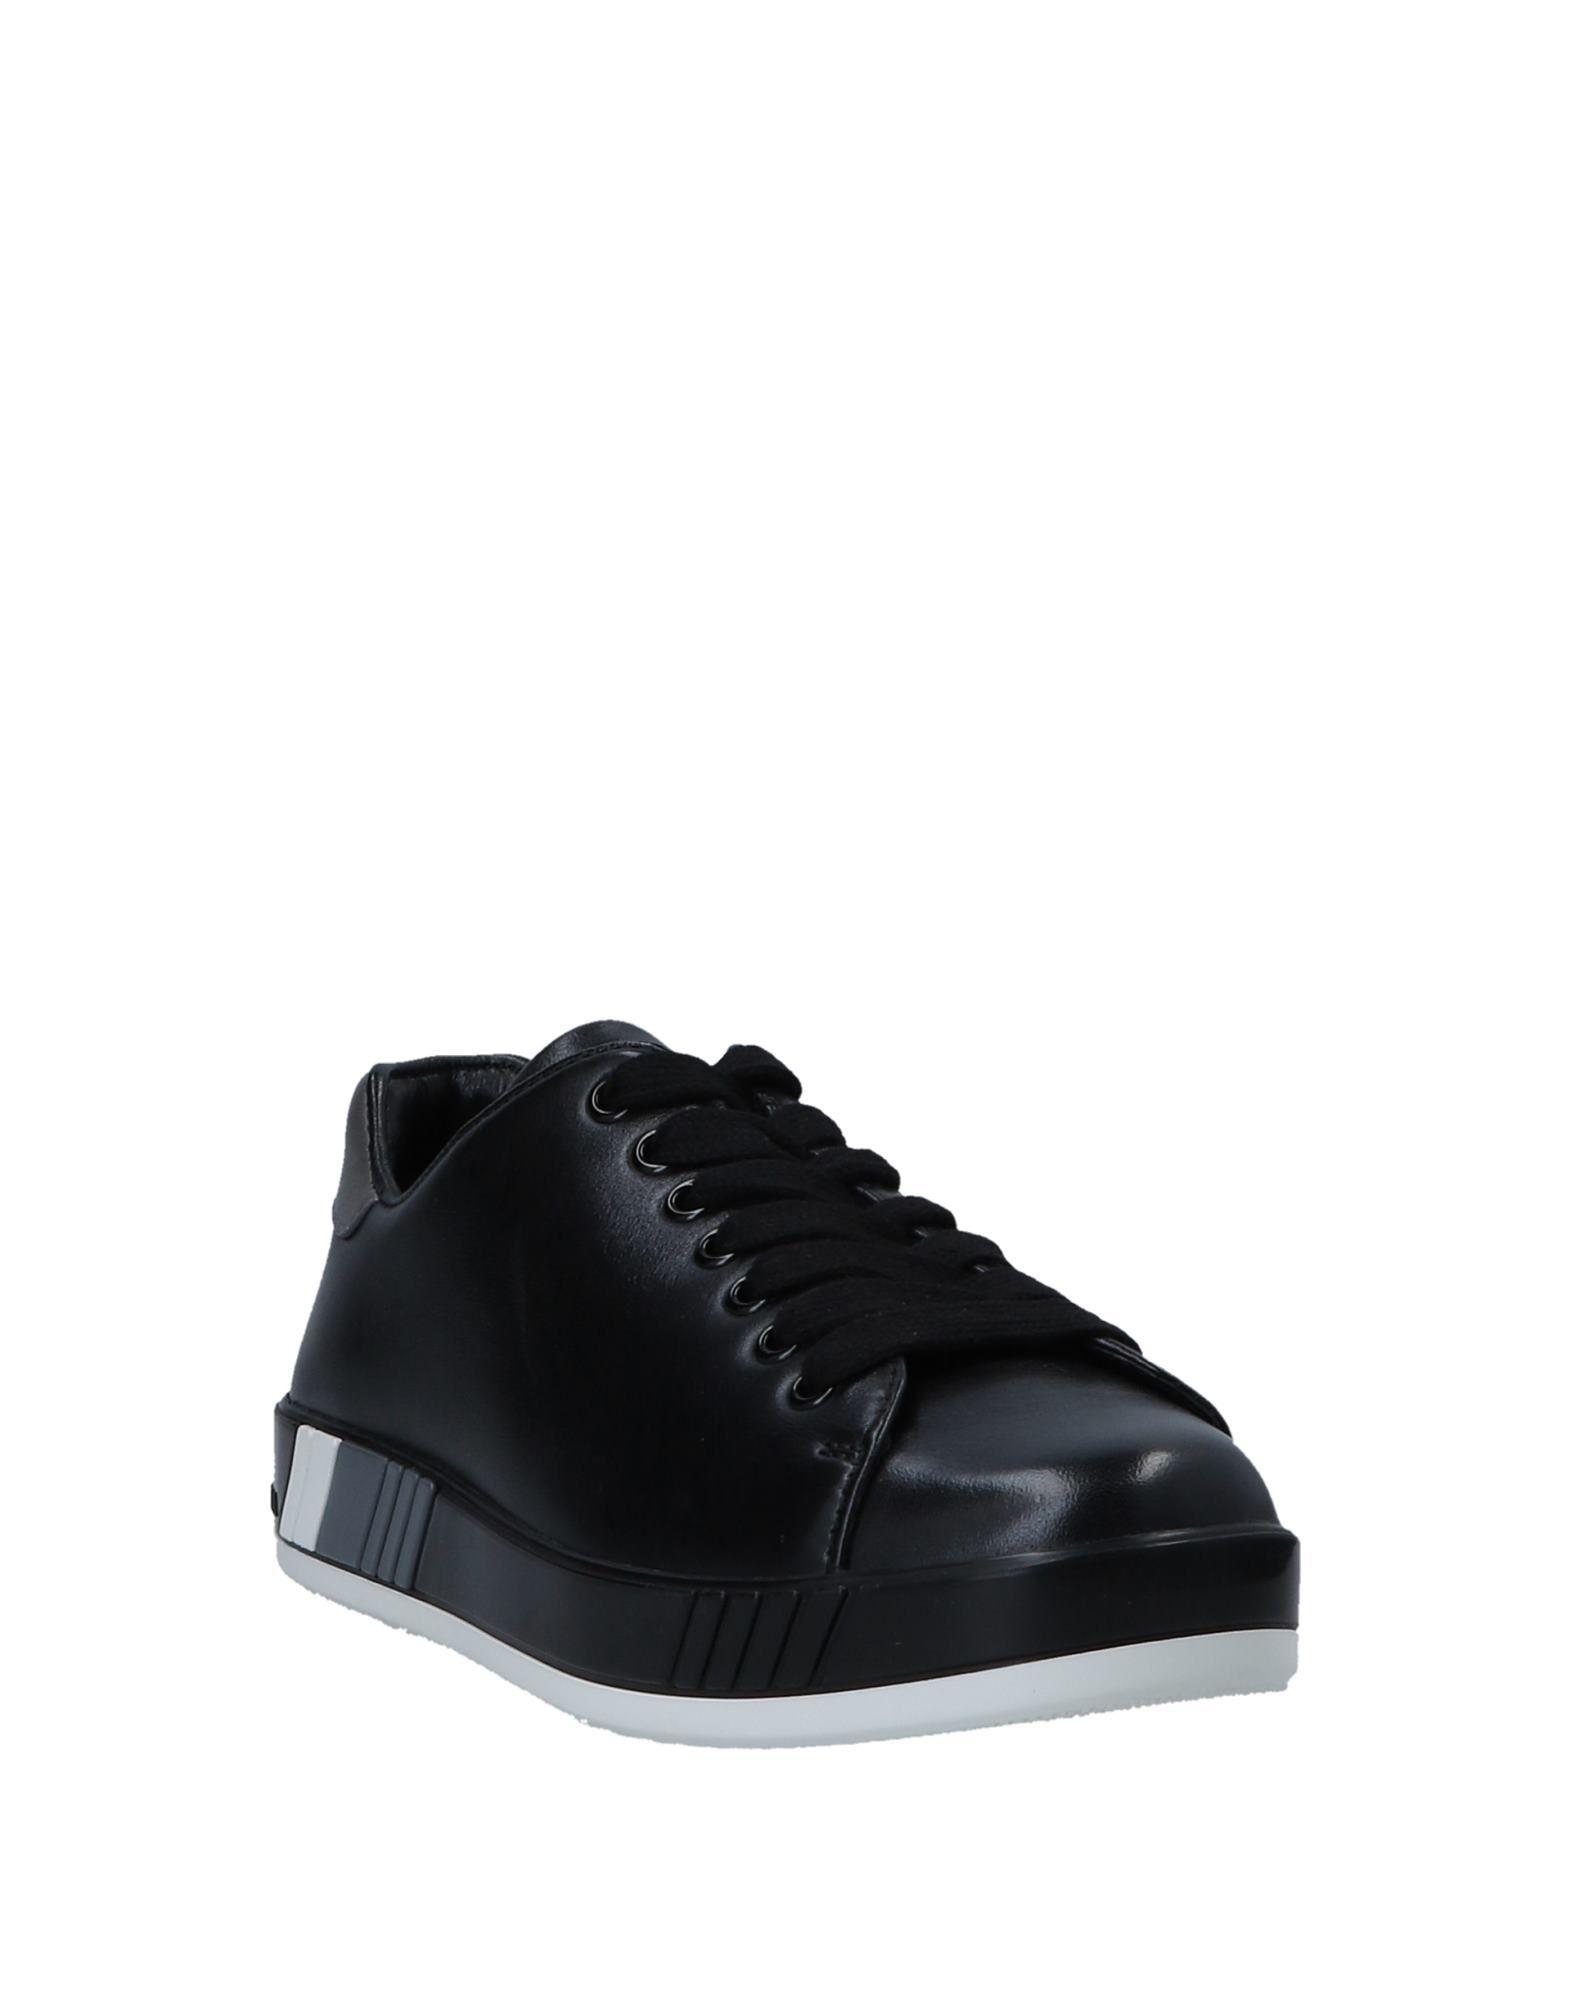 Prada Sneakers Damen gut  11492090BEGünstige gut Damen aussehende Schuhe 99a01e